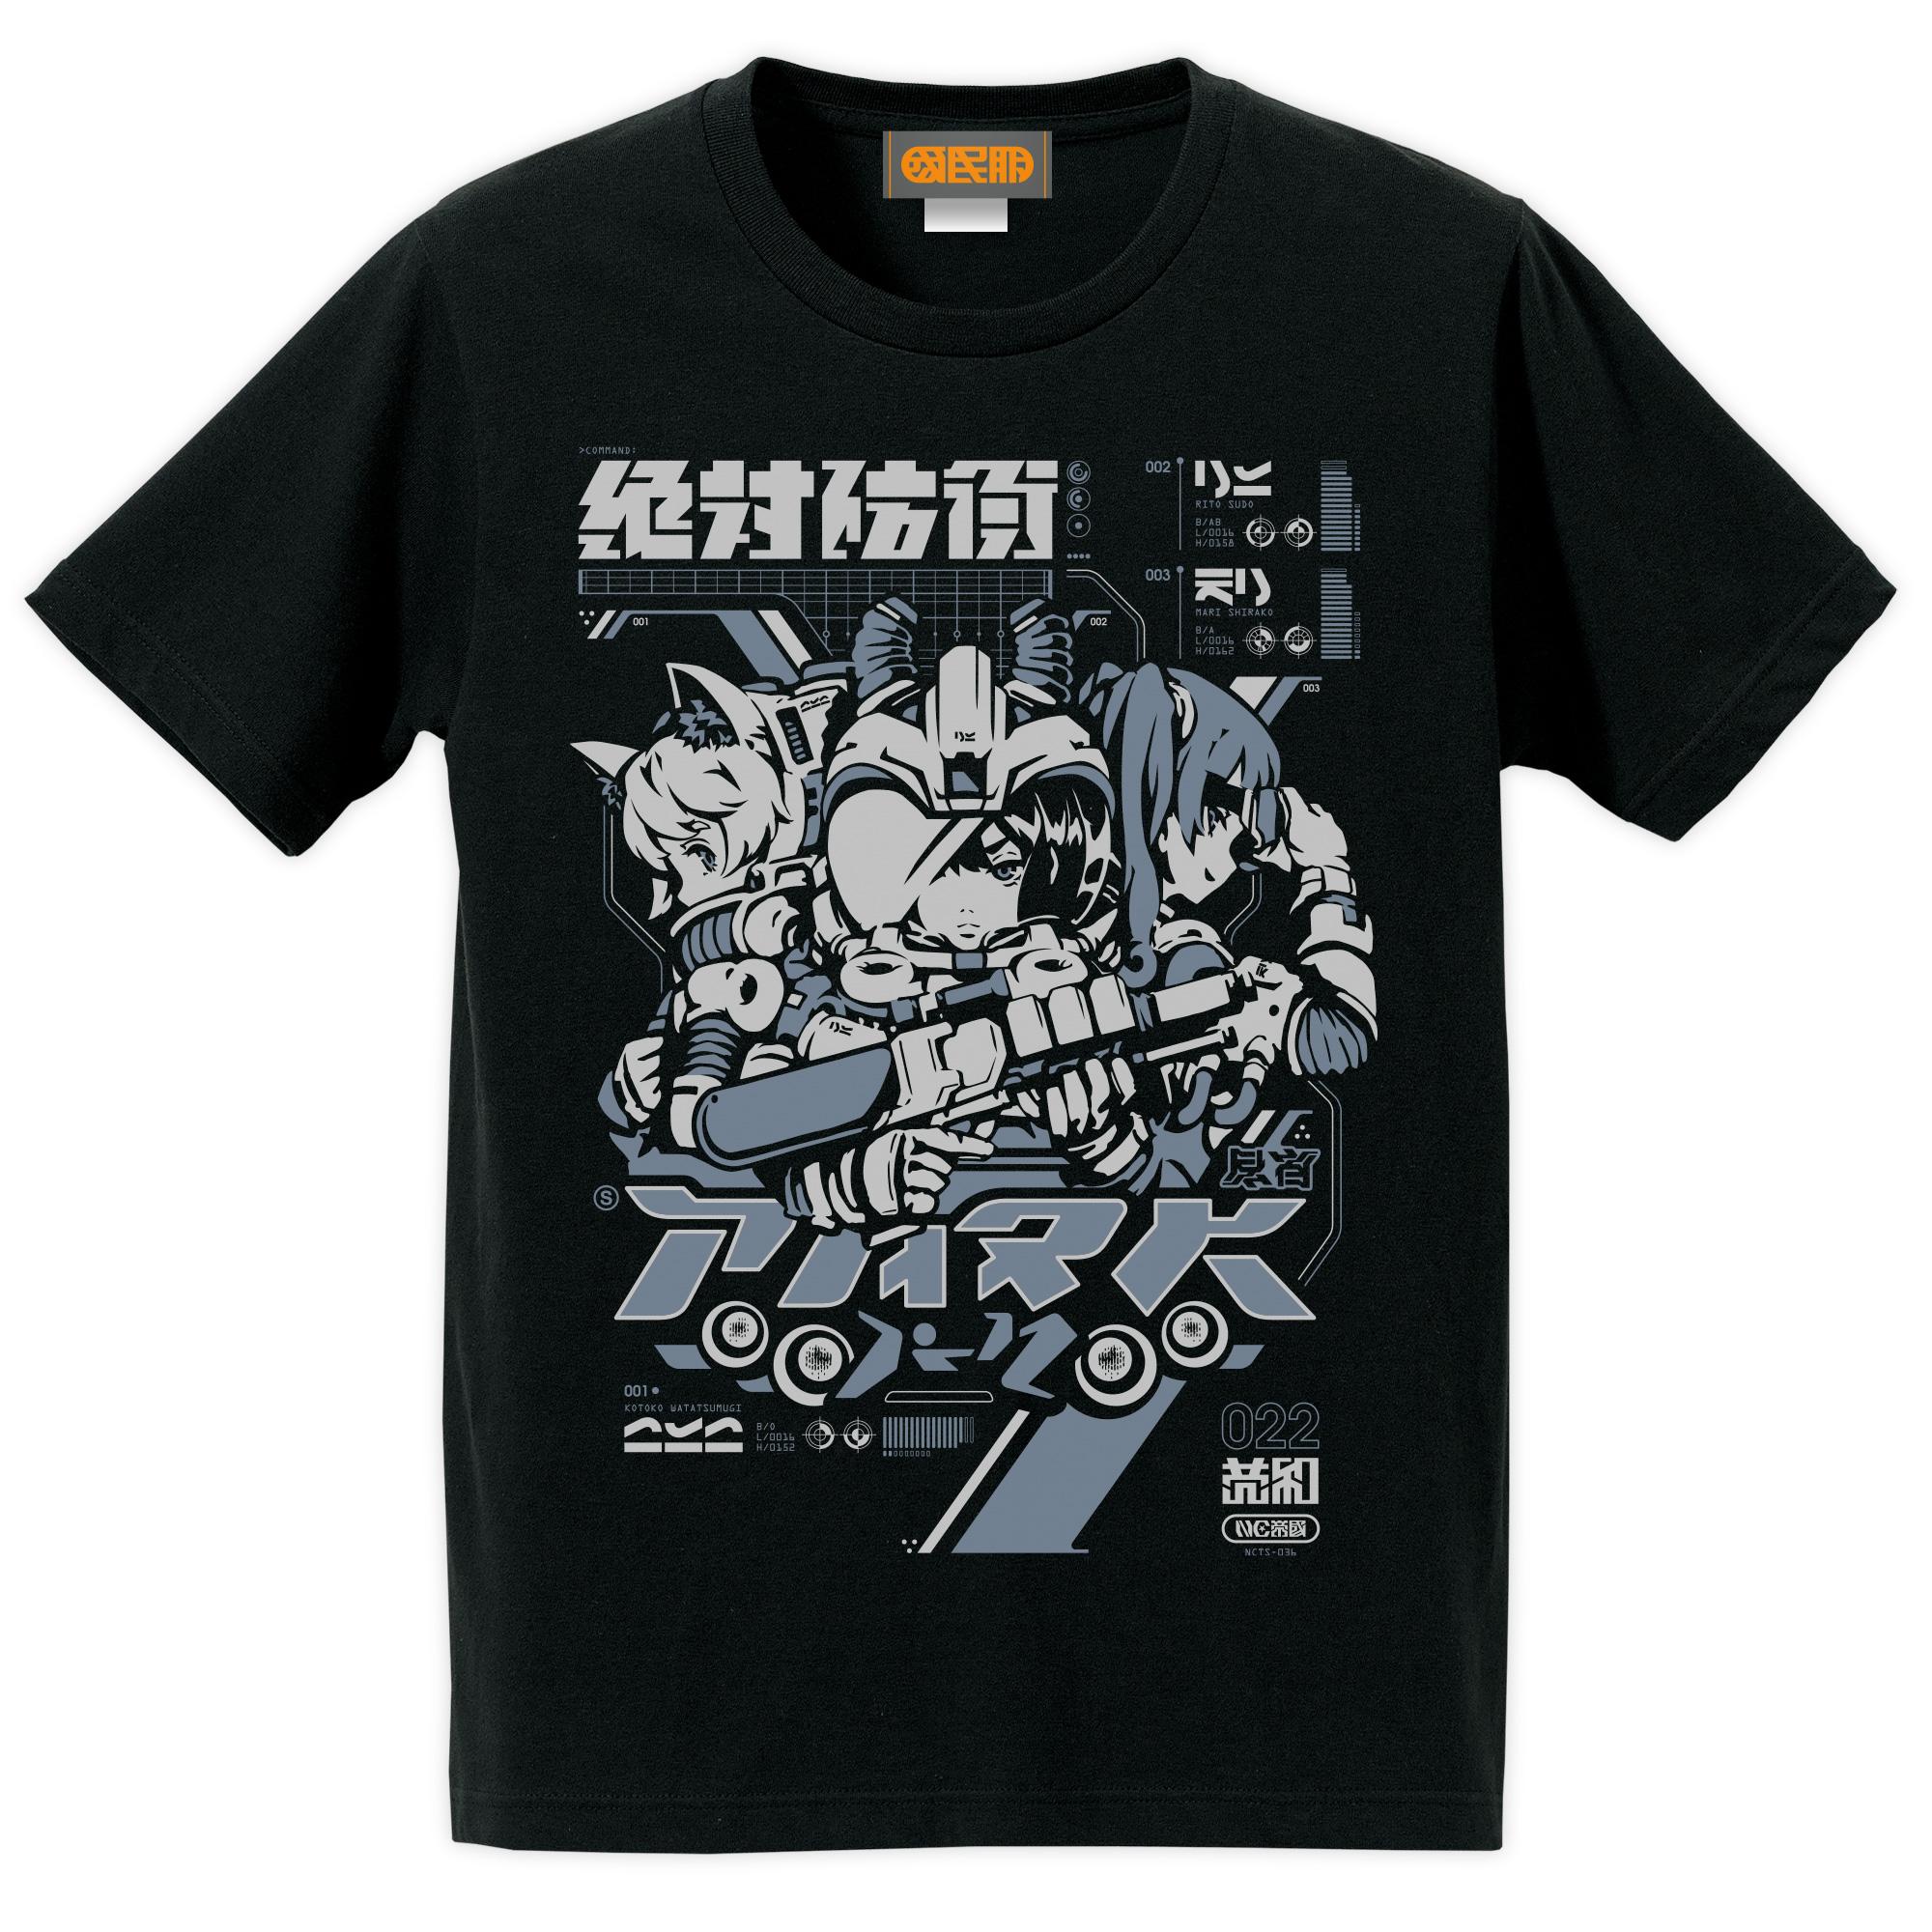 絶対防衛Tシャツ STREET.ver